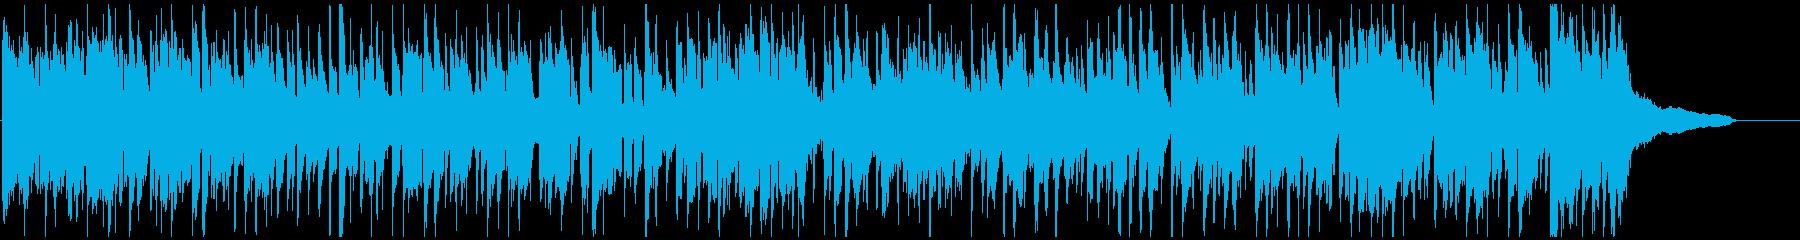 かっこいいスタイリッシュなクラブジャズの再生済みの波形